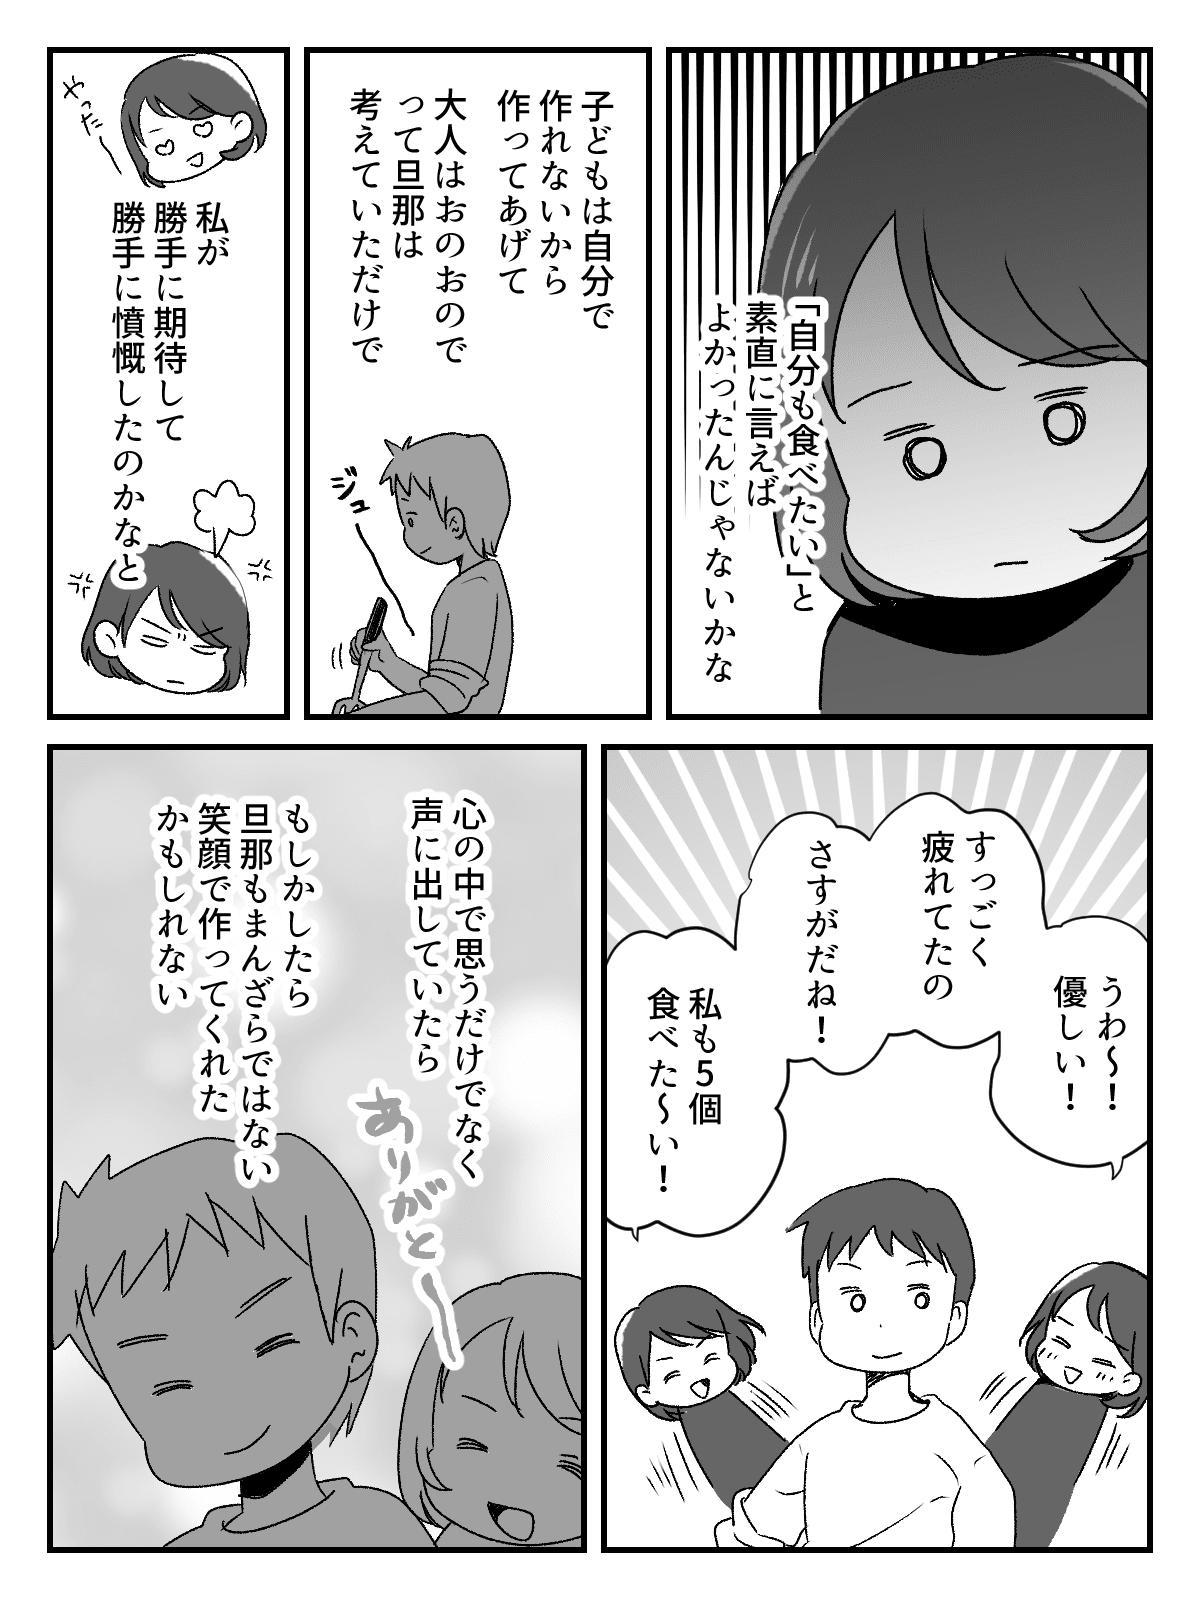 【後編】旦那にモヤっ!